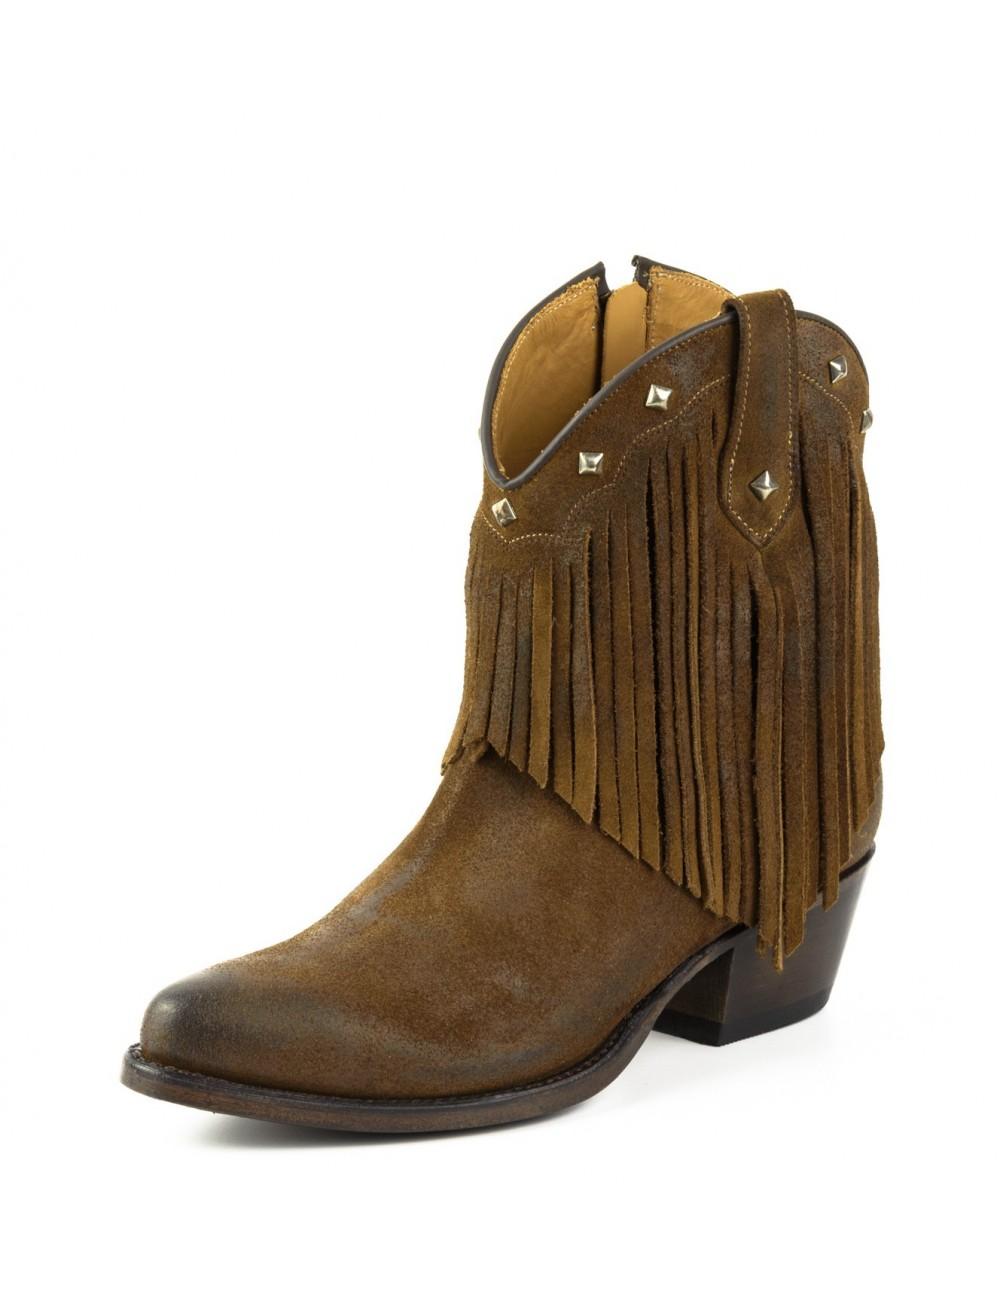 en ligne ici vente limitée meilleure collection Bottines femme cowboy franges